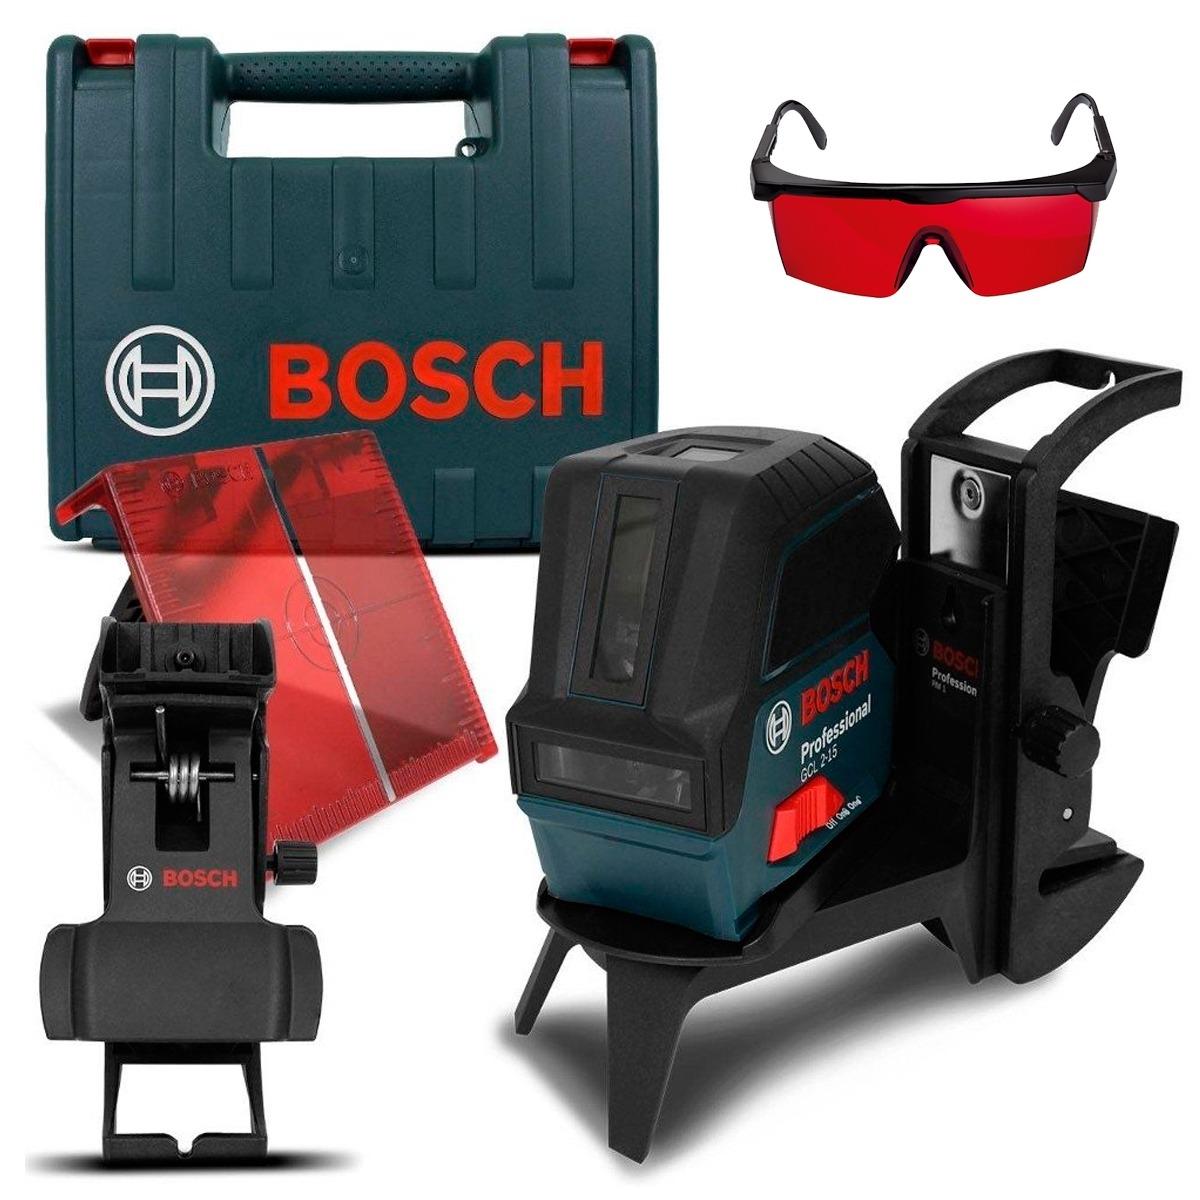 Nível Laser De Linhas Gcl 2-15 Maleta Suporte E Óculos Bosch - R ... 77b47fbd41